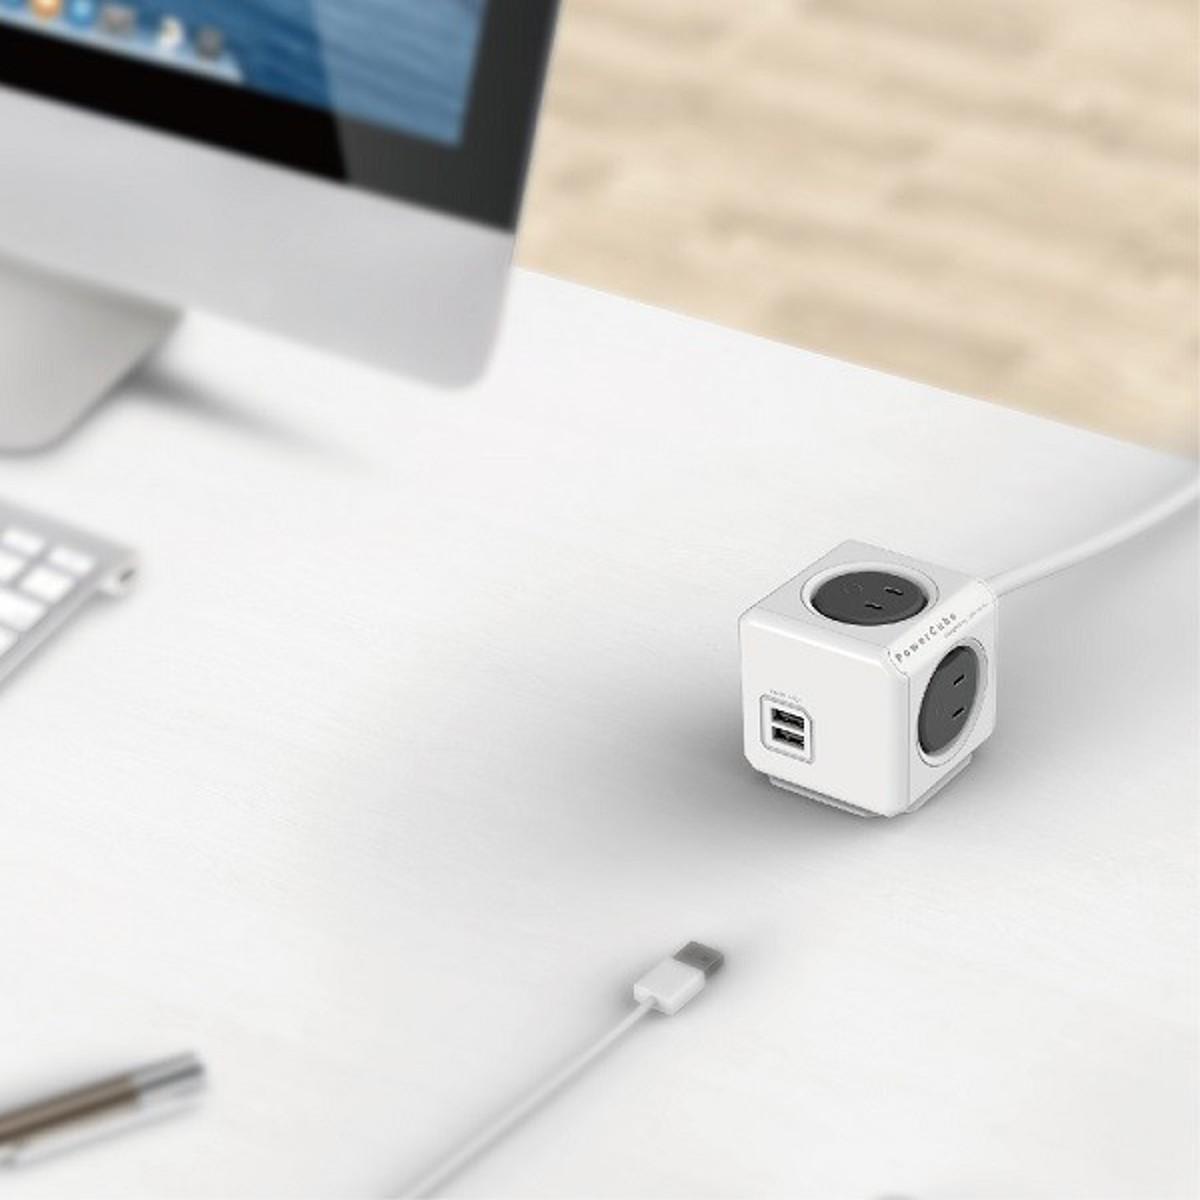 家庭内の電源を「設計」してみる|Extended USB(コード1.5m / USBポート付)- 必要なコンセント口数を決めることができ省スペース化可能なキューブ型電源タップ